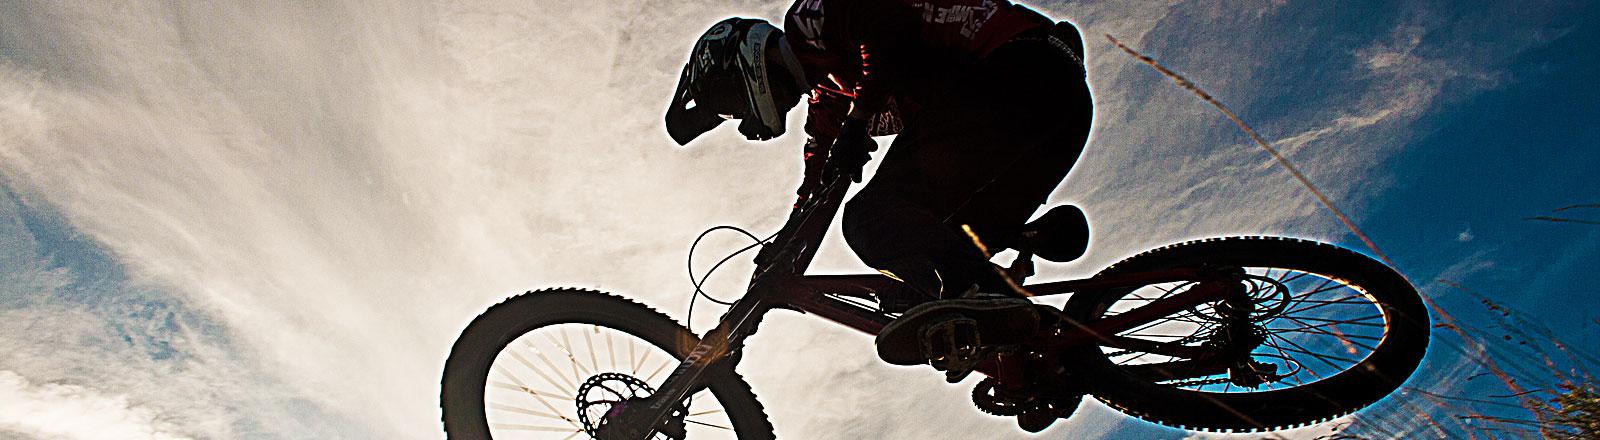 Mountainbiker in der Sonne